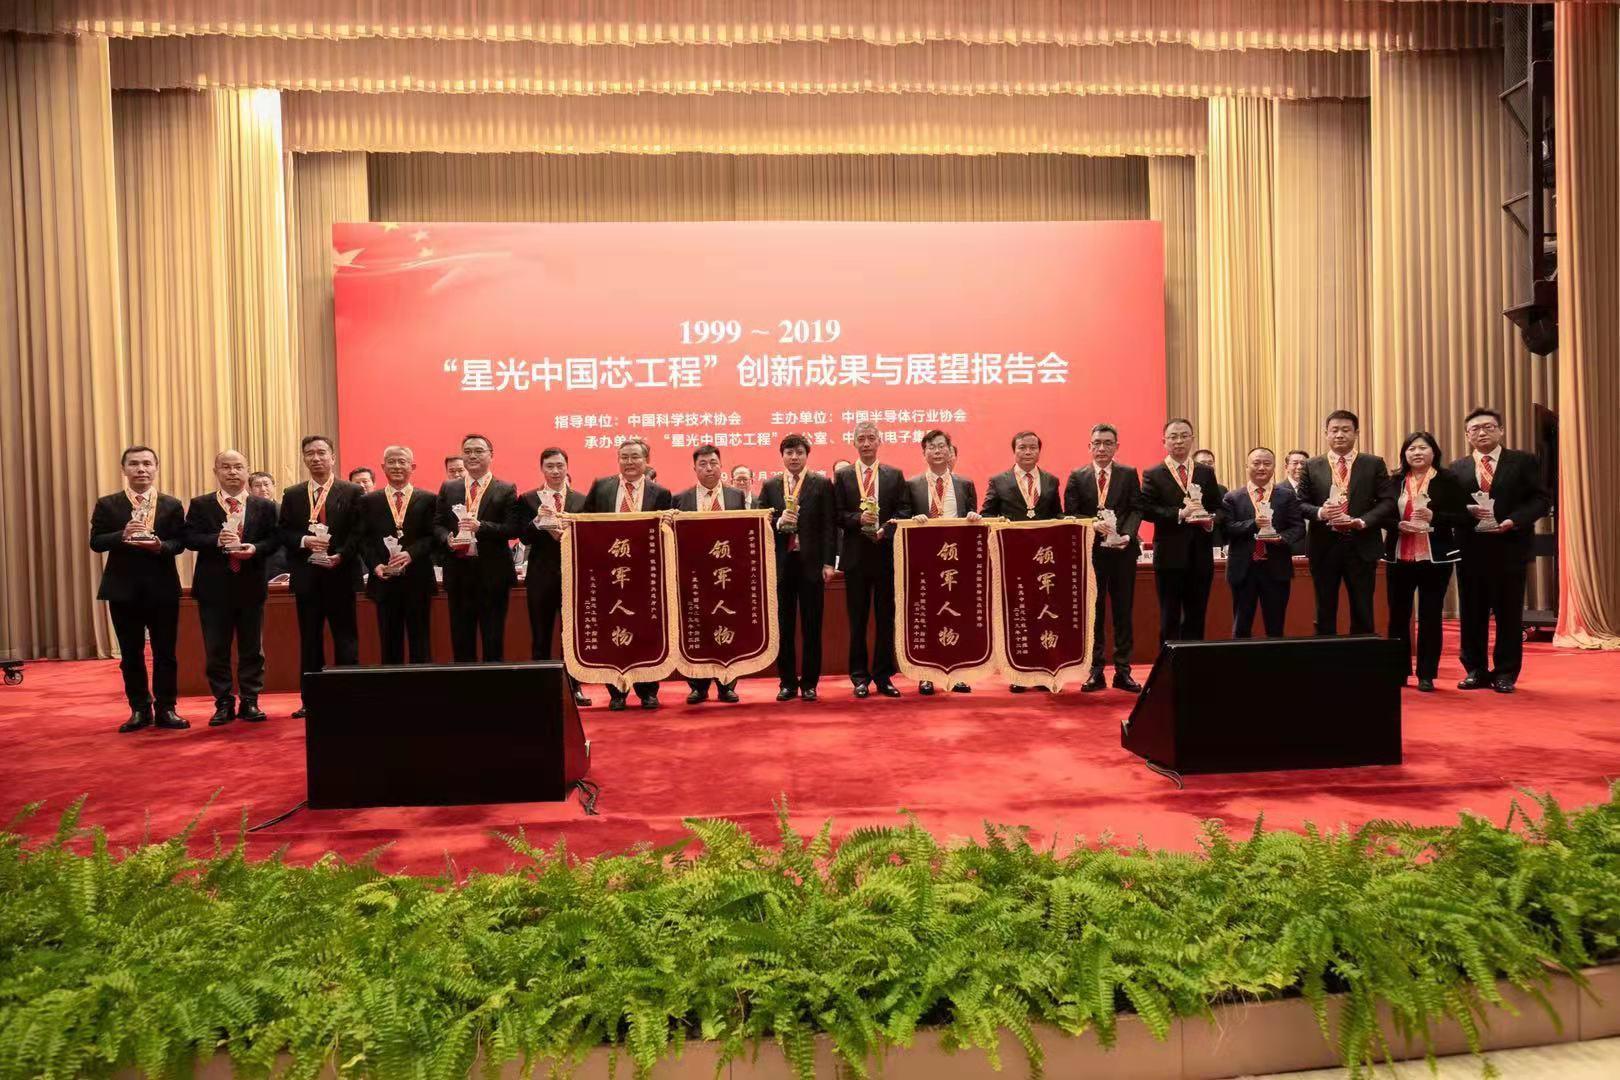 """""""星光中国芯工程""""20周年创新成果与展望报告会现场。中星微电子供图"""